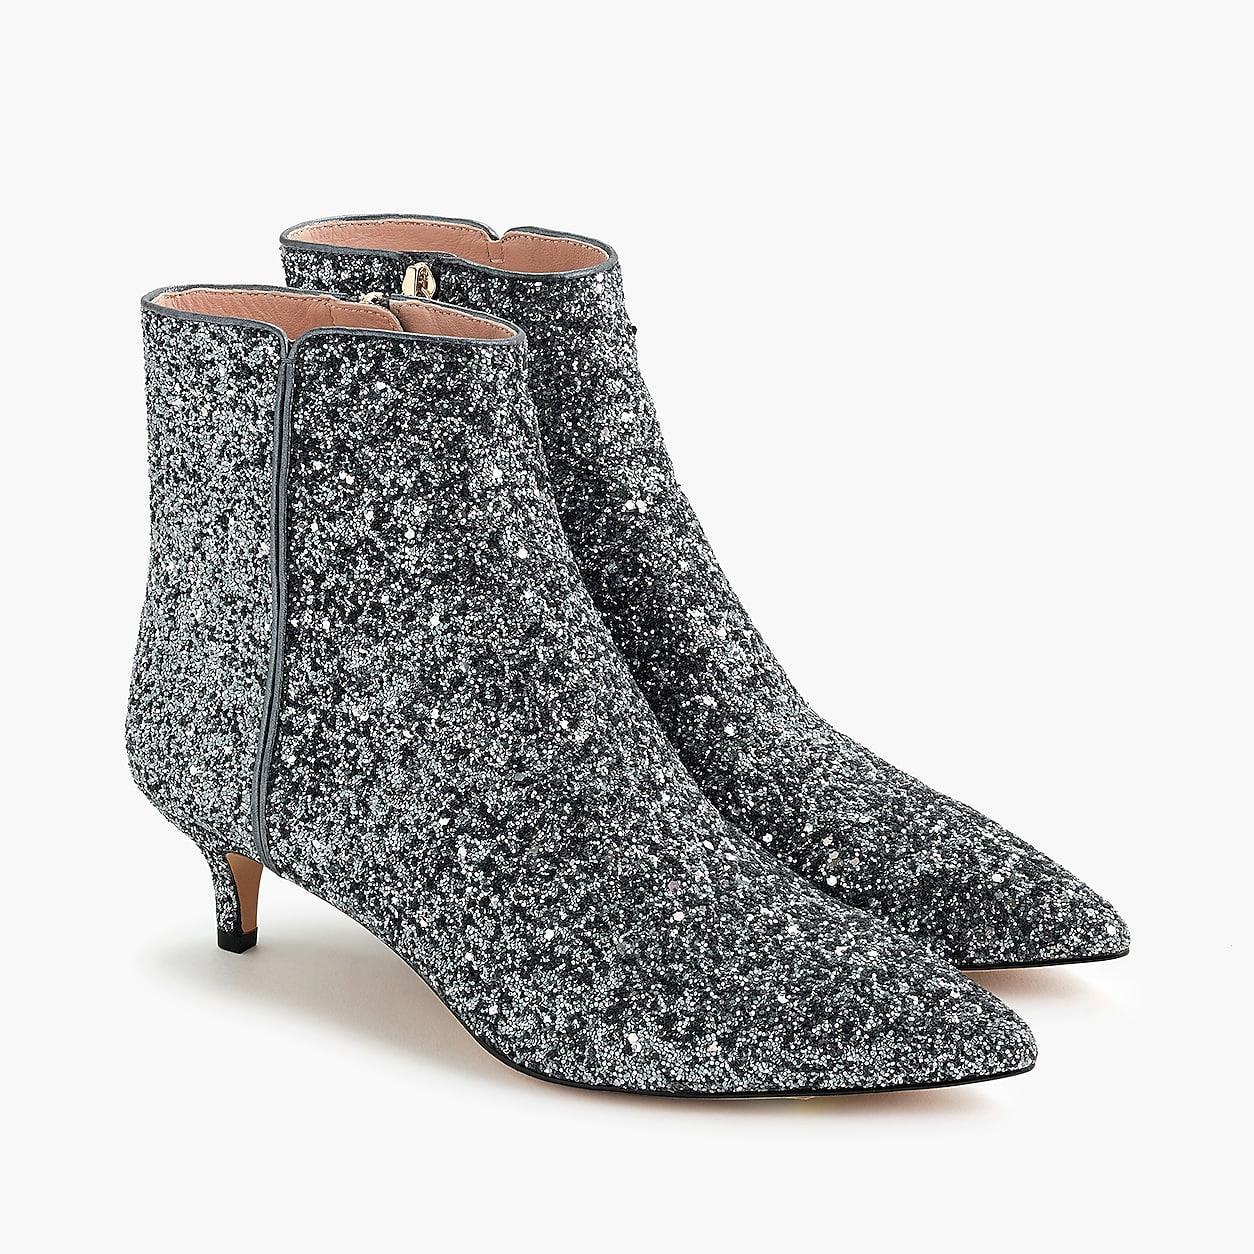 Fiona Kitten Heel Boots In Glitter